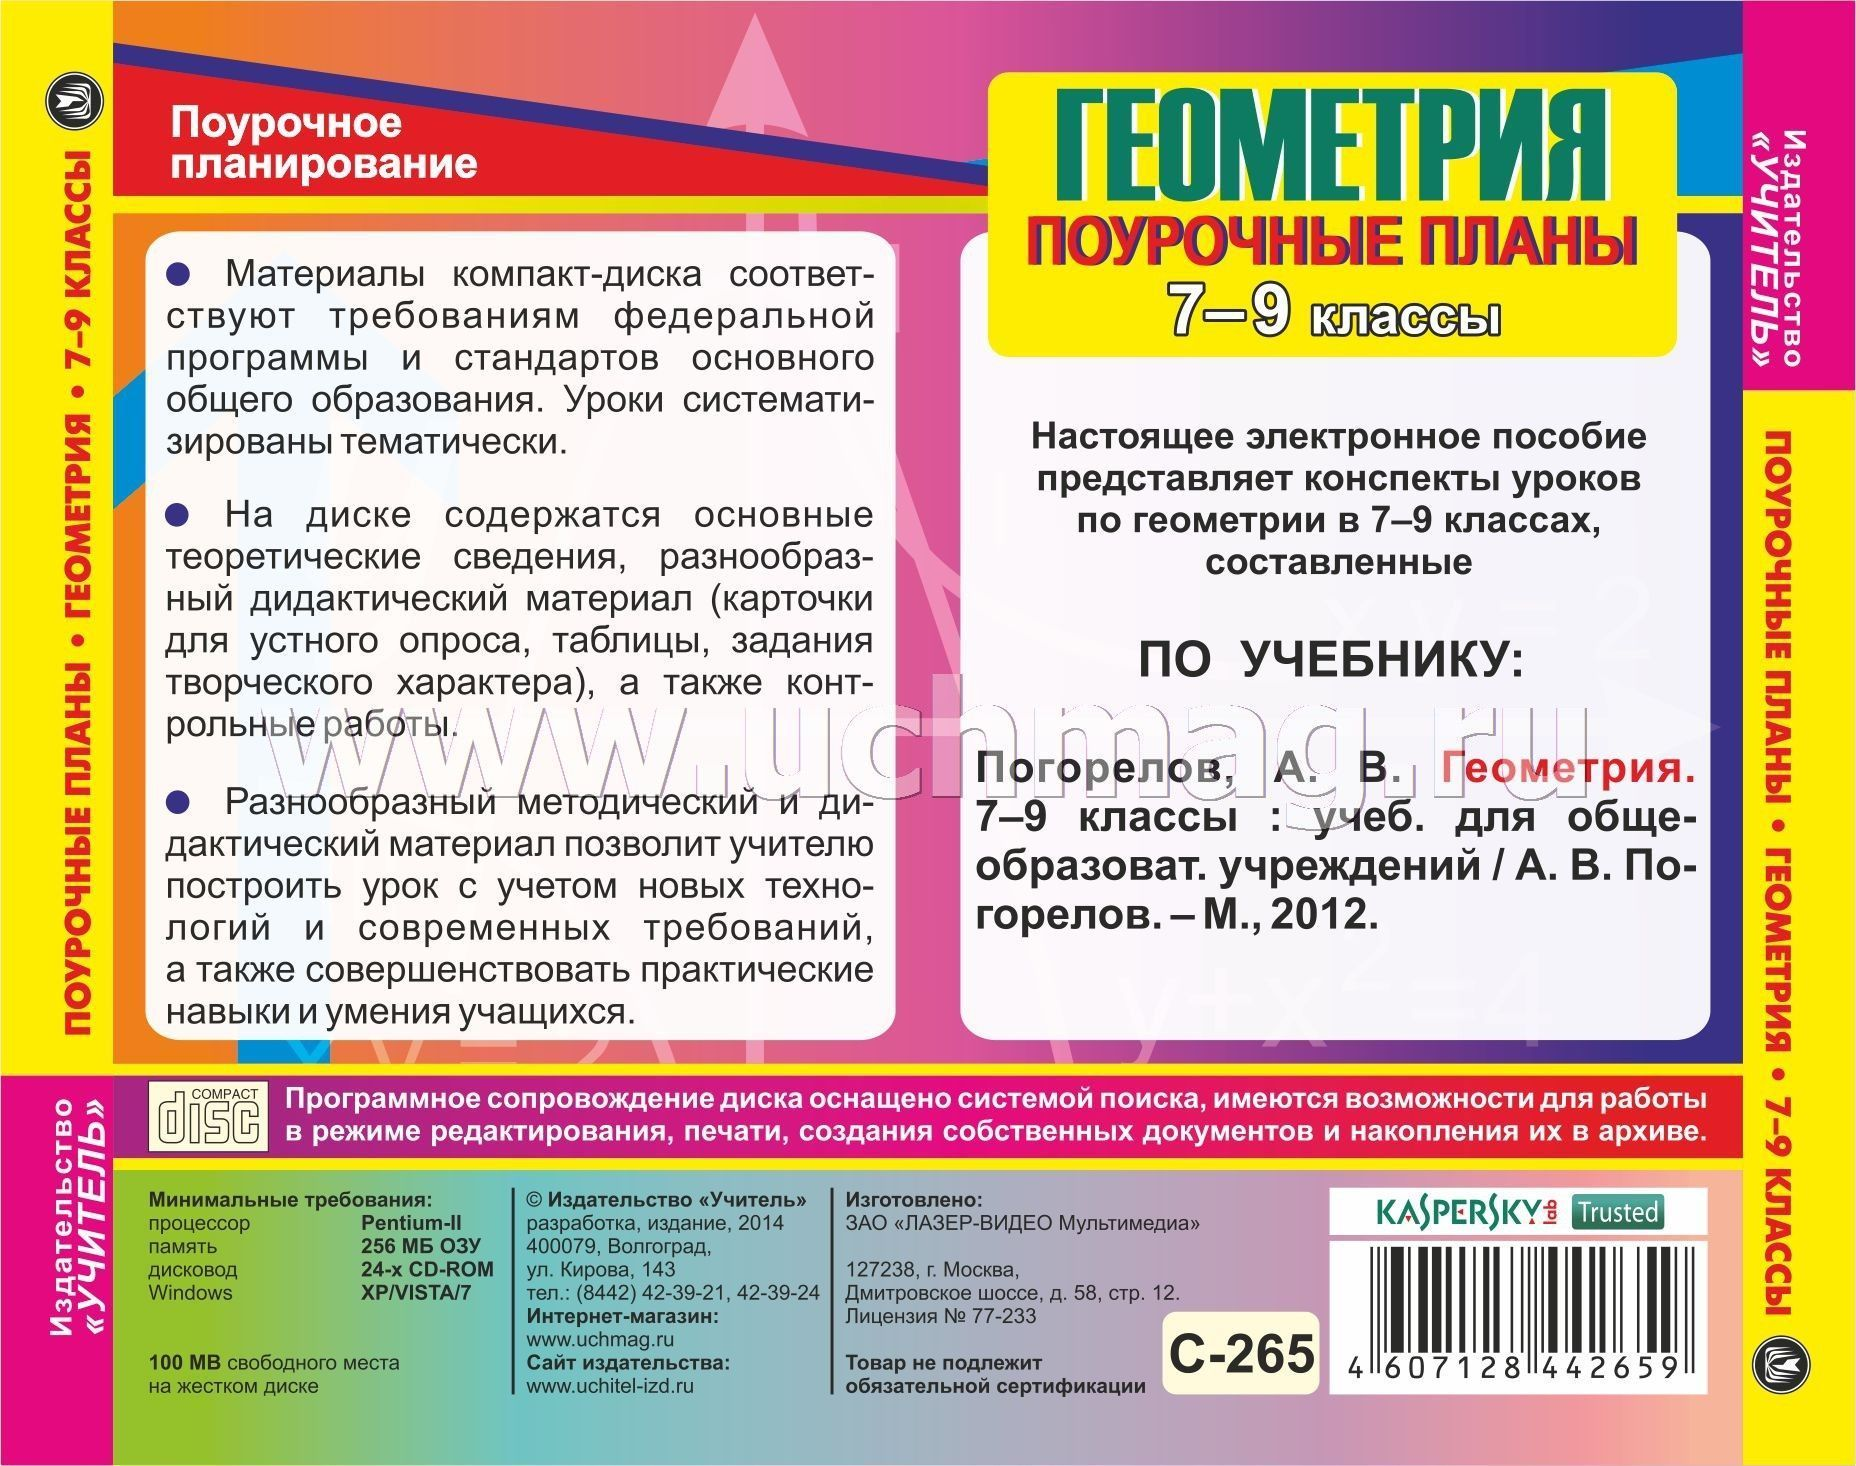 Поурочные оплаты по геометрии по учебнику атанасяна 11 класс гдз